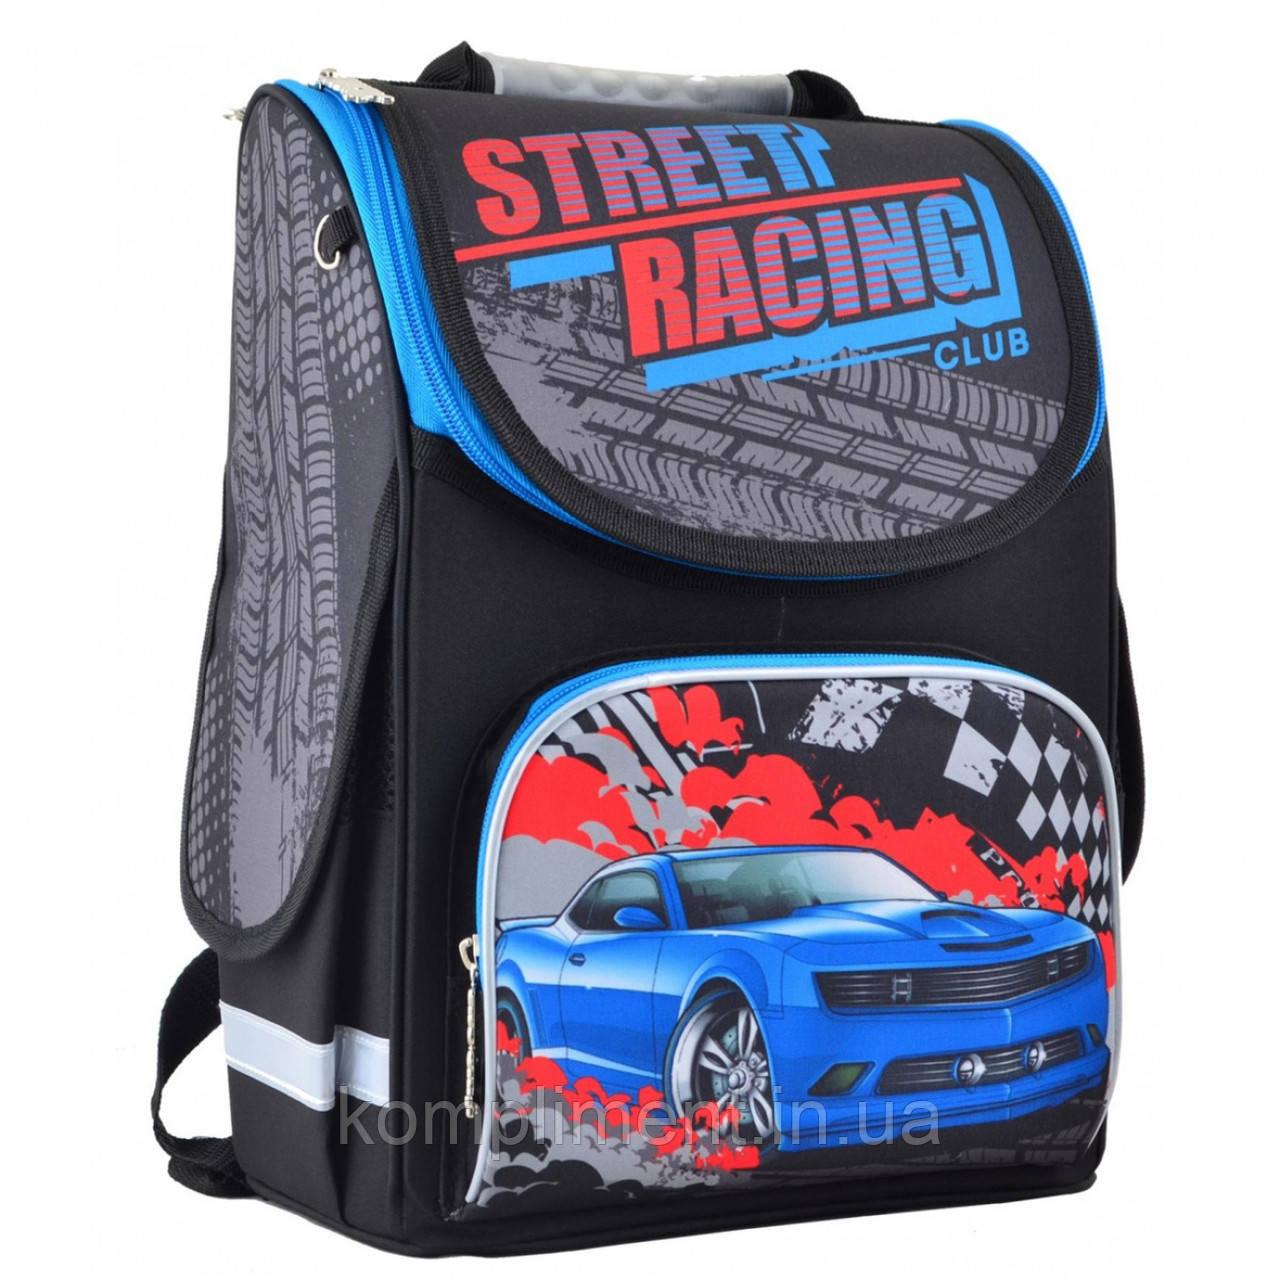 """Рюкзак шкільний каркасний ортопедичний для хлопчика PG-11 """"Street racing"""", SMART"""